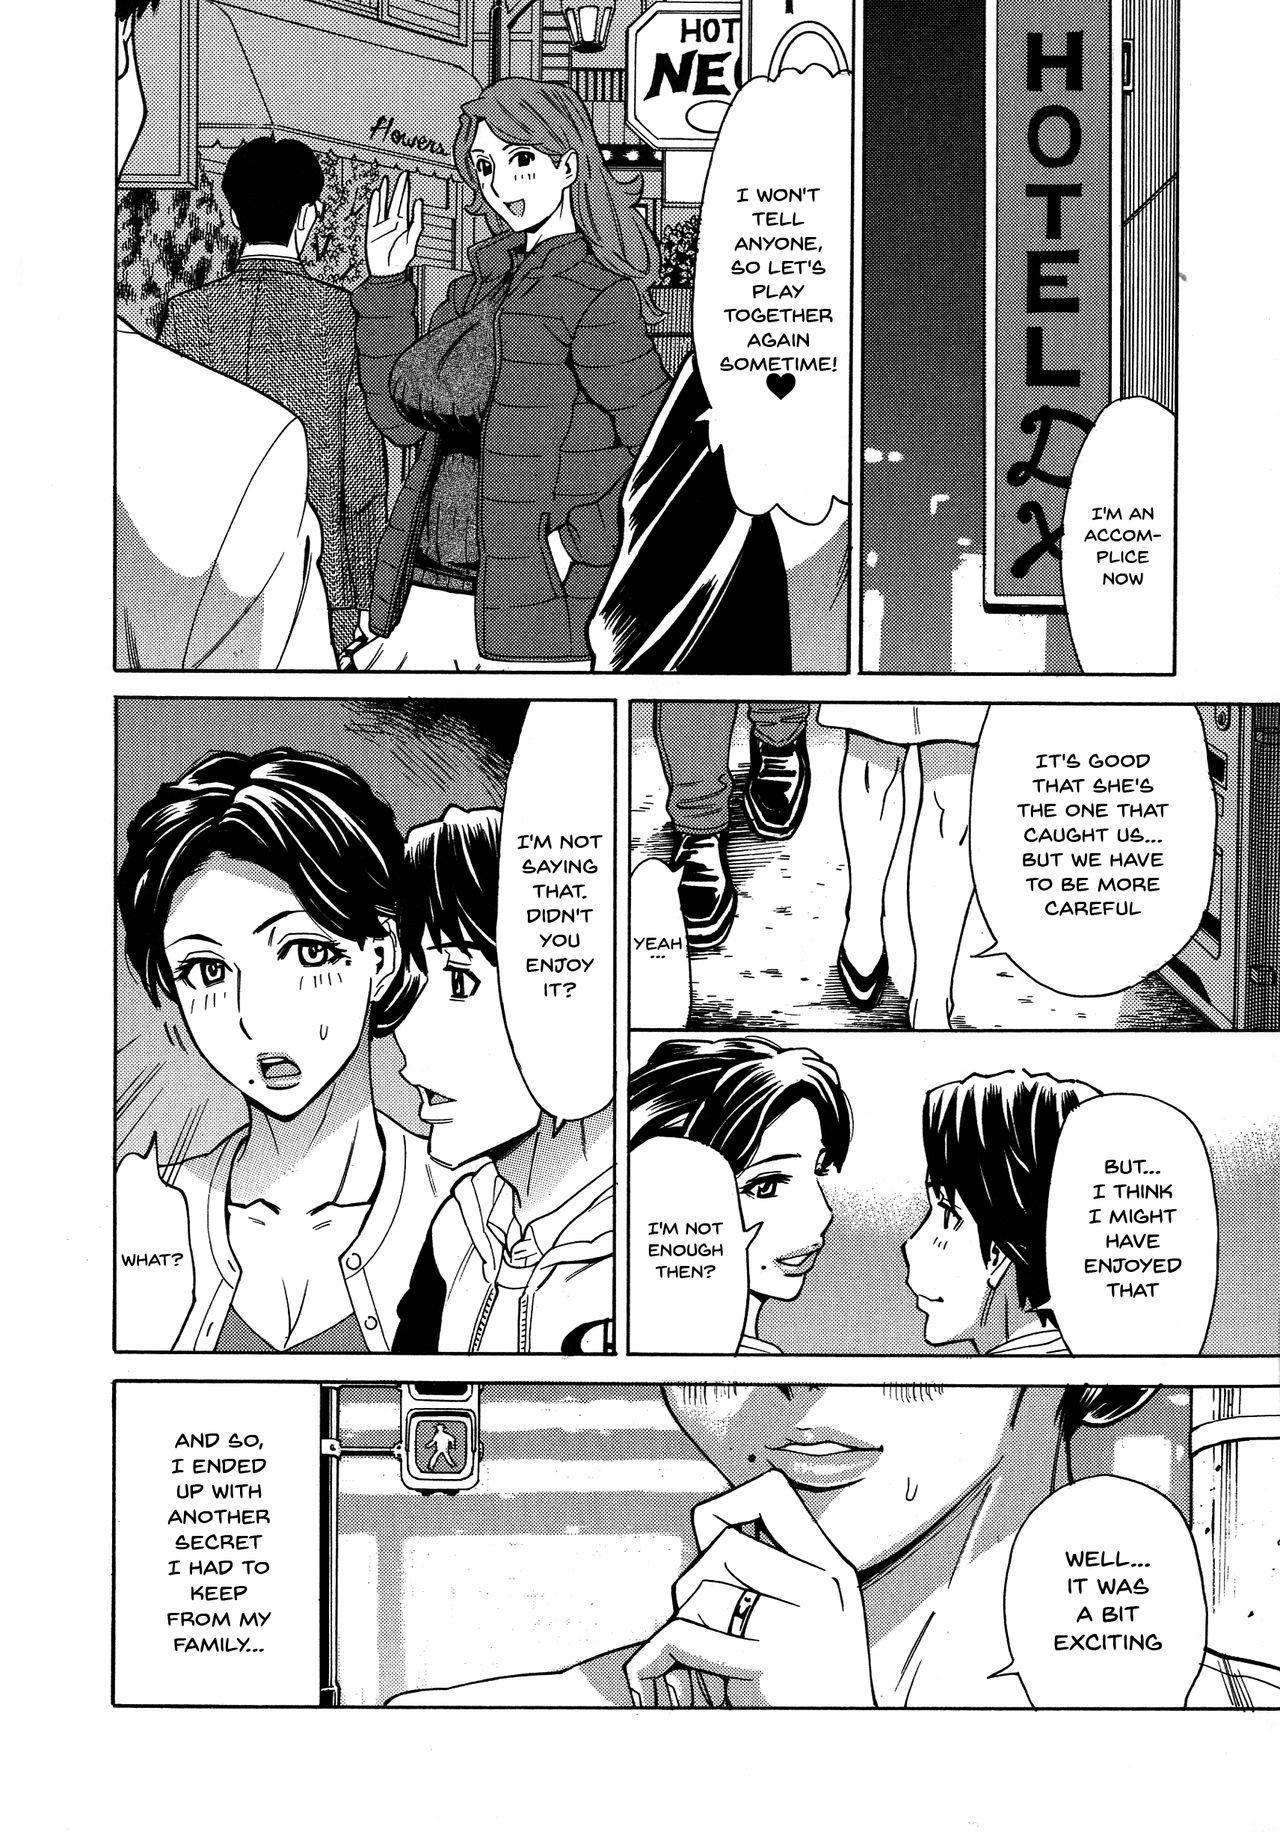 [Makibe Kataru] Hitozuma Koi Hanabi ~Hajimete no Furin ga 3P ni Itaru made~ Ch.1-9 [English] {Doujins.com} 57